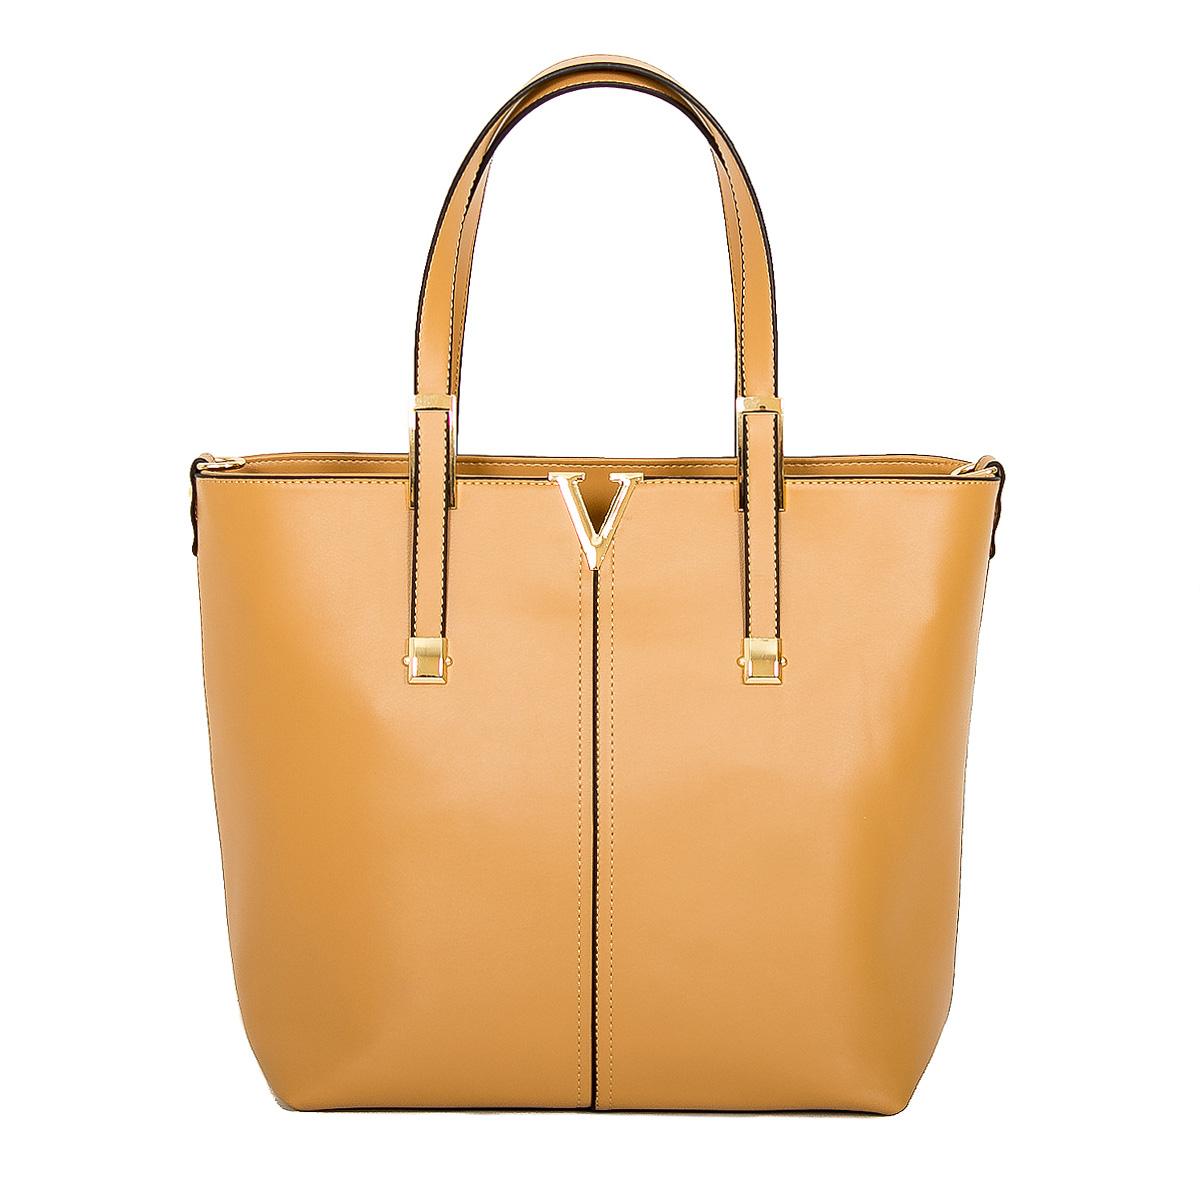 Сумка женская Farfalla Rosso, цвет: бежевый. 70008-306/370008-306/3Изысканная женская сумка Farfalla Rosso выполнена из искусственной кожи. Сумка закрывается на застежку-молнию. Внутри - одно отделение, разделенное карманом-средником на застежке-молнии, также есть втачной карман на застежке-молнии, два накладных кармашка для мелочей и телефона. Задняя сторона дополнена плоским врезным карманом на застежке-молнии. Две ручки сумки крепятся на металлическую фурнитуру. Дно сумки защищено металлическими ножками, обеспечивающими дополнительную устойчивость. В комплекте плечевой отстегивающийся ремень и чехол для хранения. Блестящий дизайн сумки, сочетающий классические формы с оригинальным оформлением, позволит вам подчеркнуть свою индивидуальность и сделает ваш образ изысканным и завершенным.